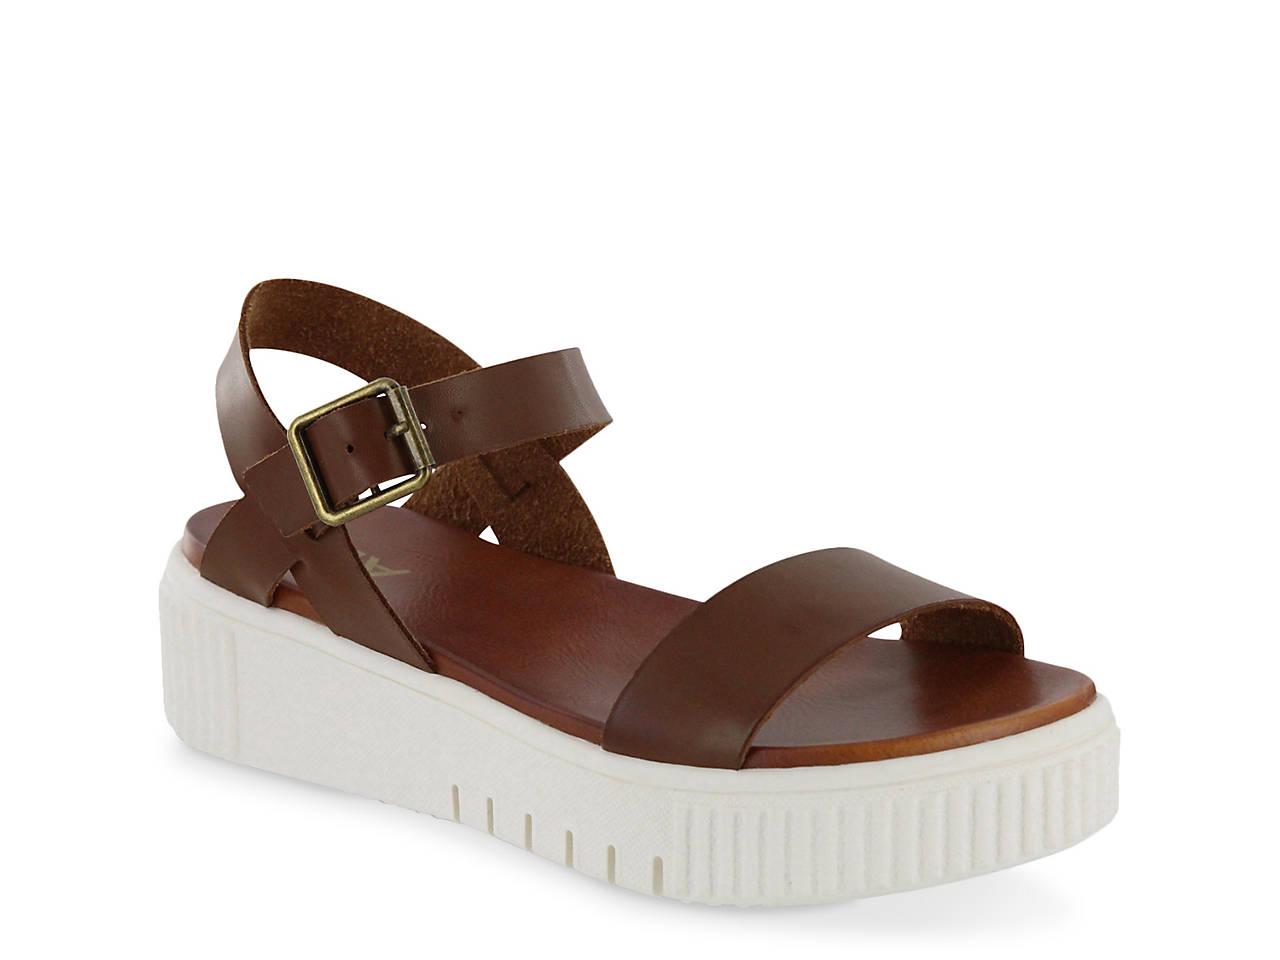 404a1ac26 Mia Leanna Platform Sandal Women s Shoes